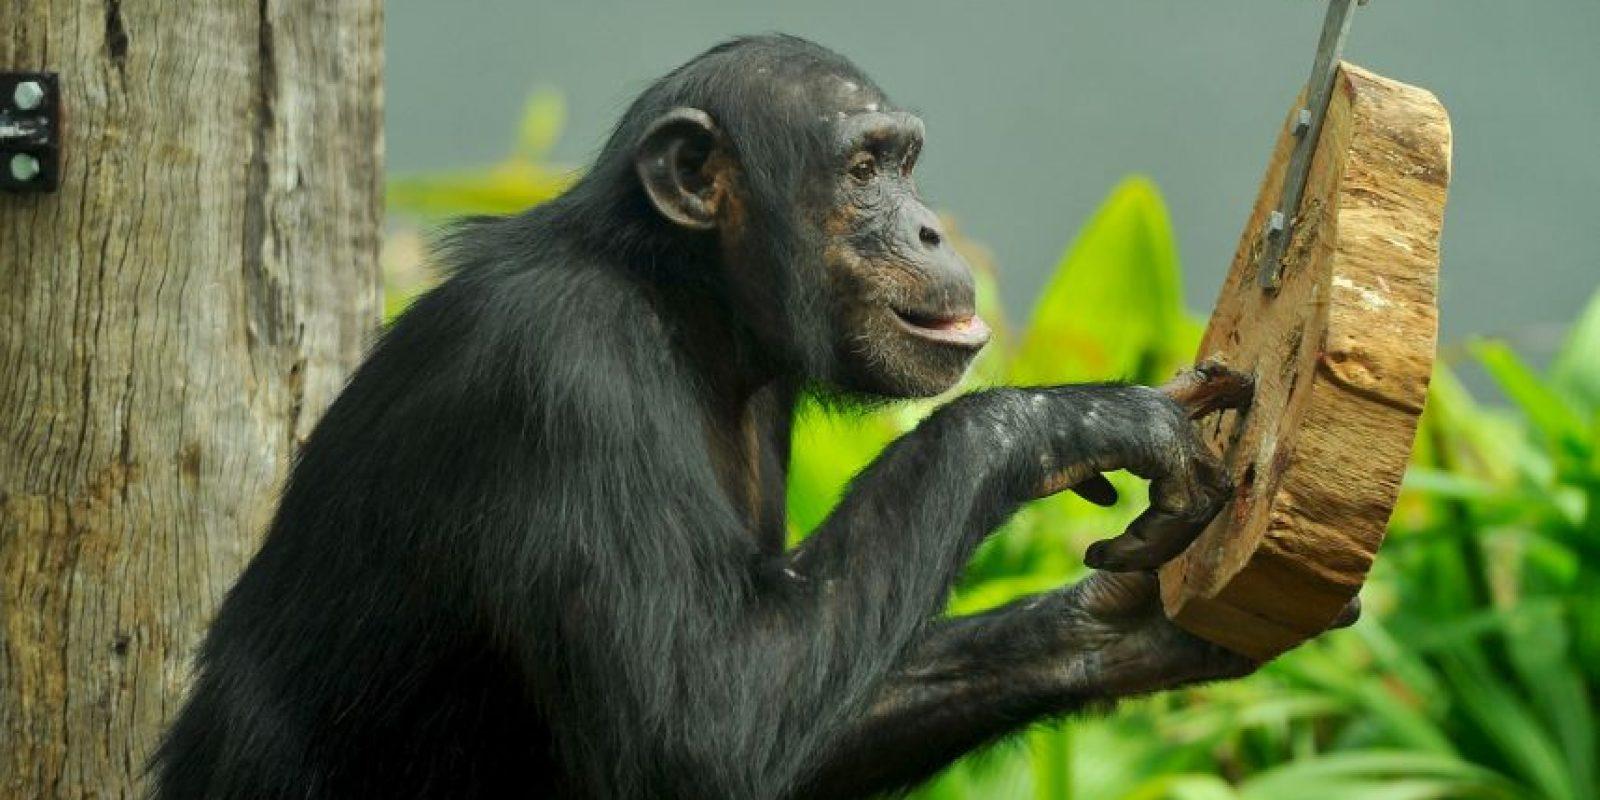 Es una de las pocas especies animales que se sirve de herramientas. Foto:Getty Images